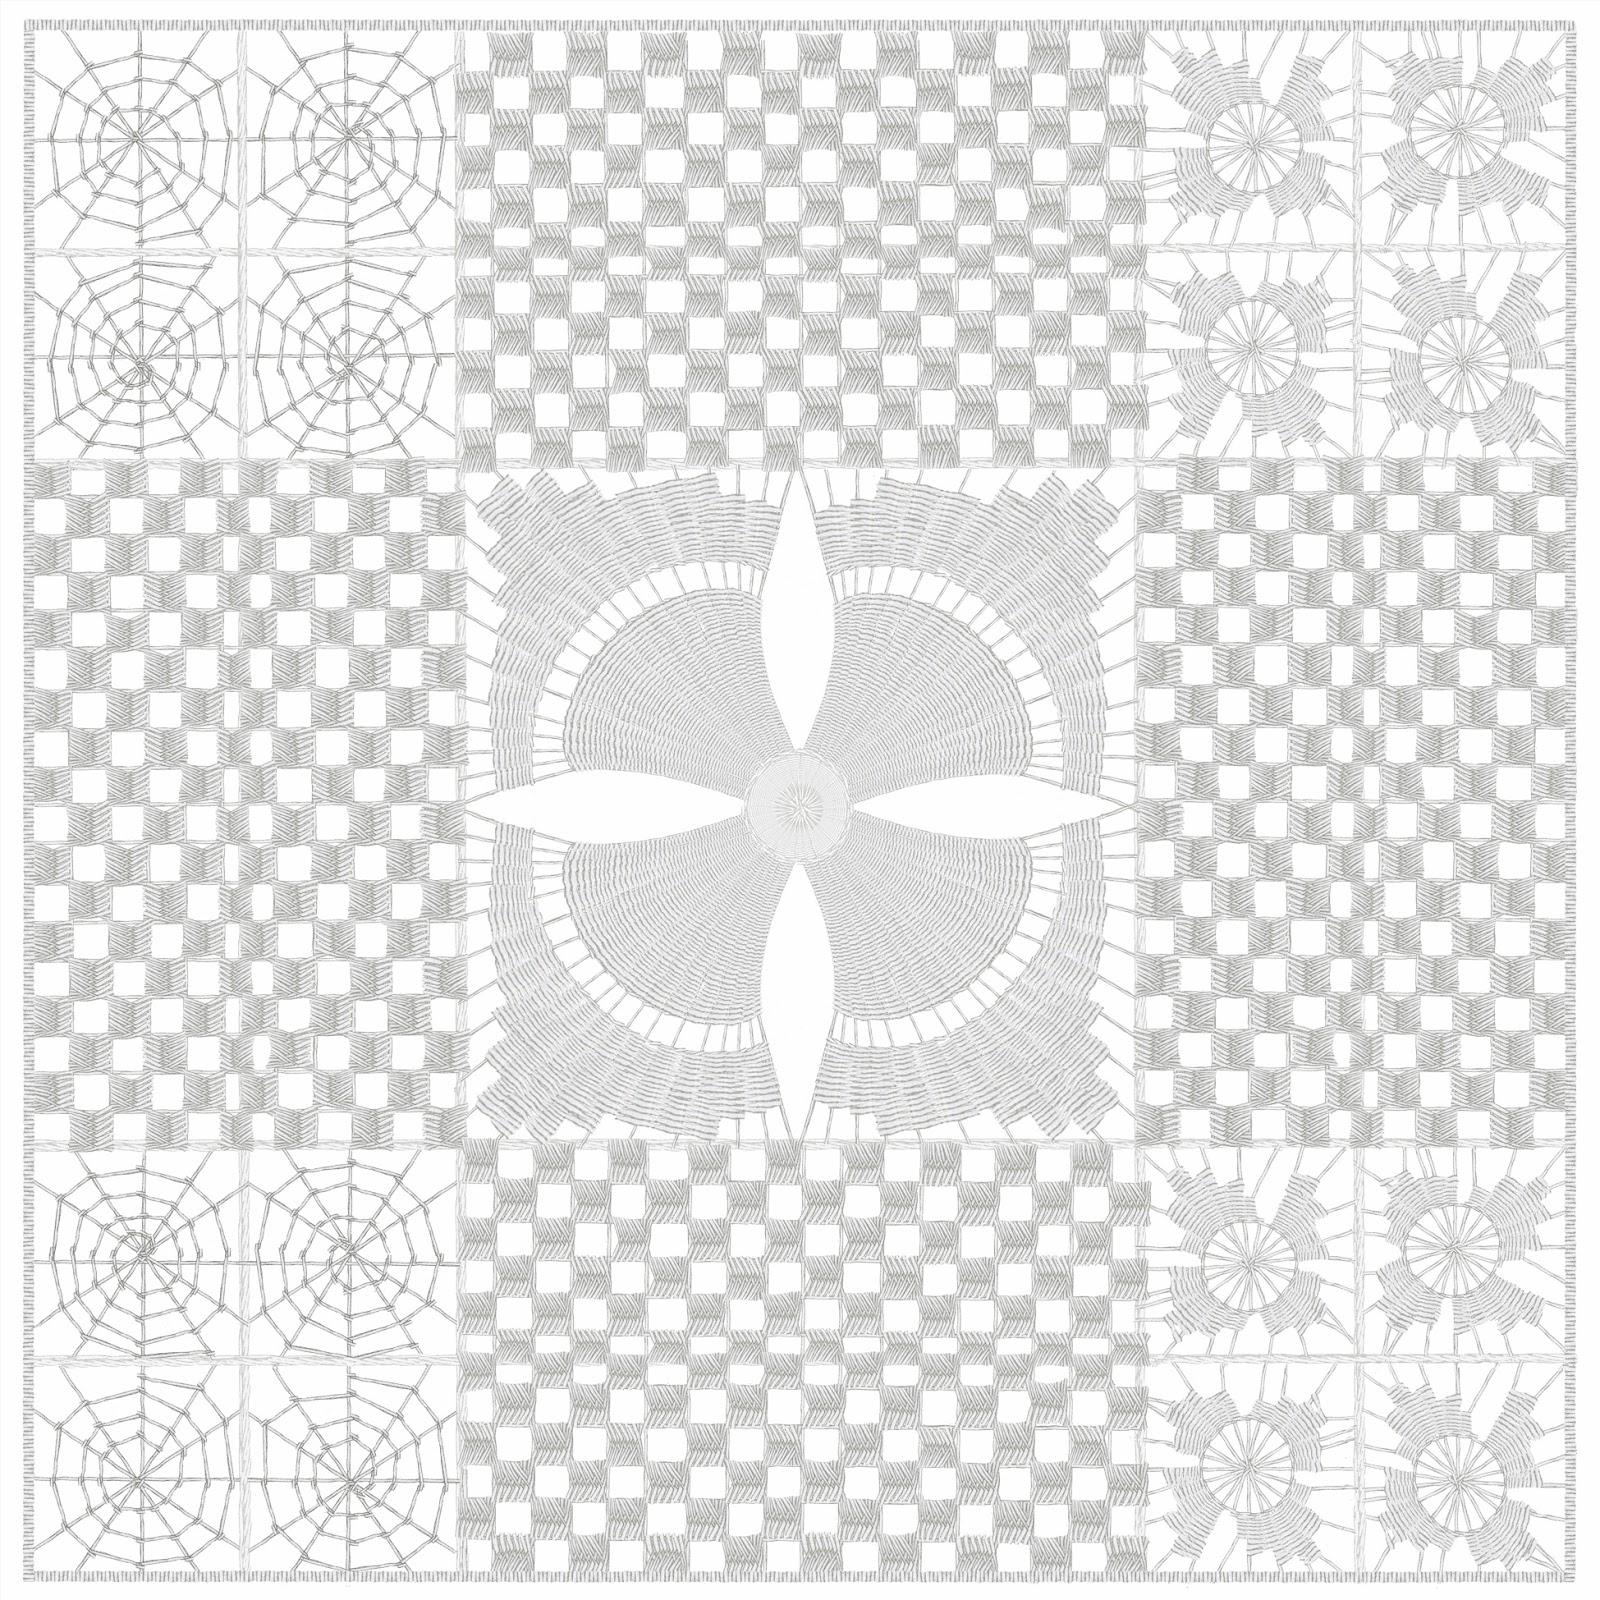 hilorama 2,  Congo, geometrias, hilo, dibujo